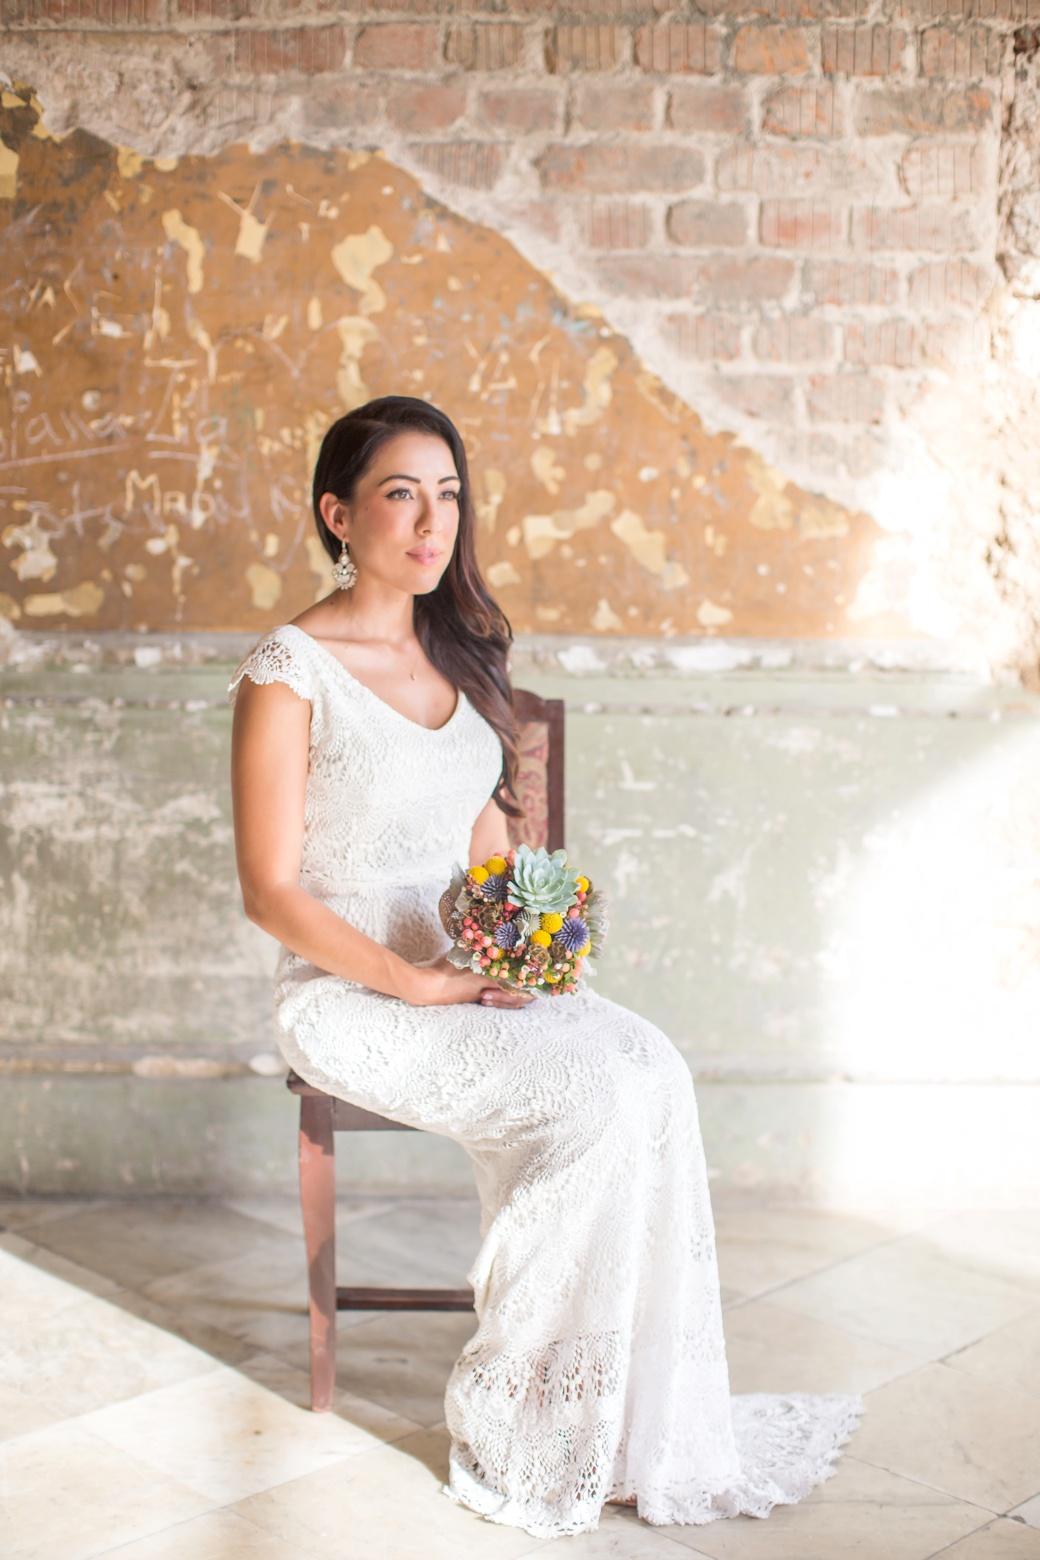 La Guarida Havana Wedding Photographer - Ayenia Nour Photography